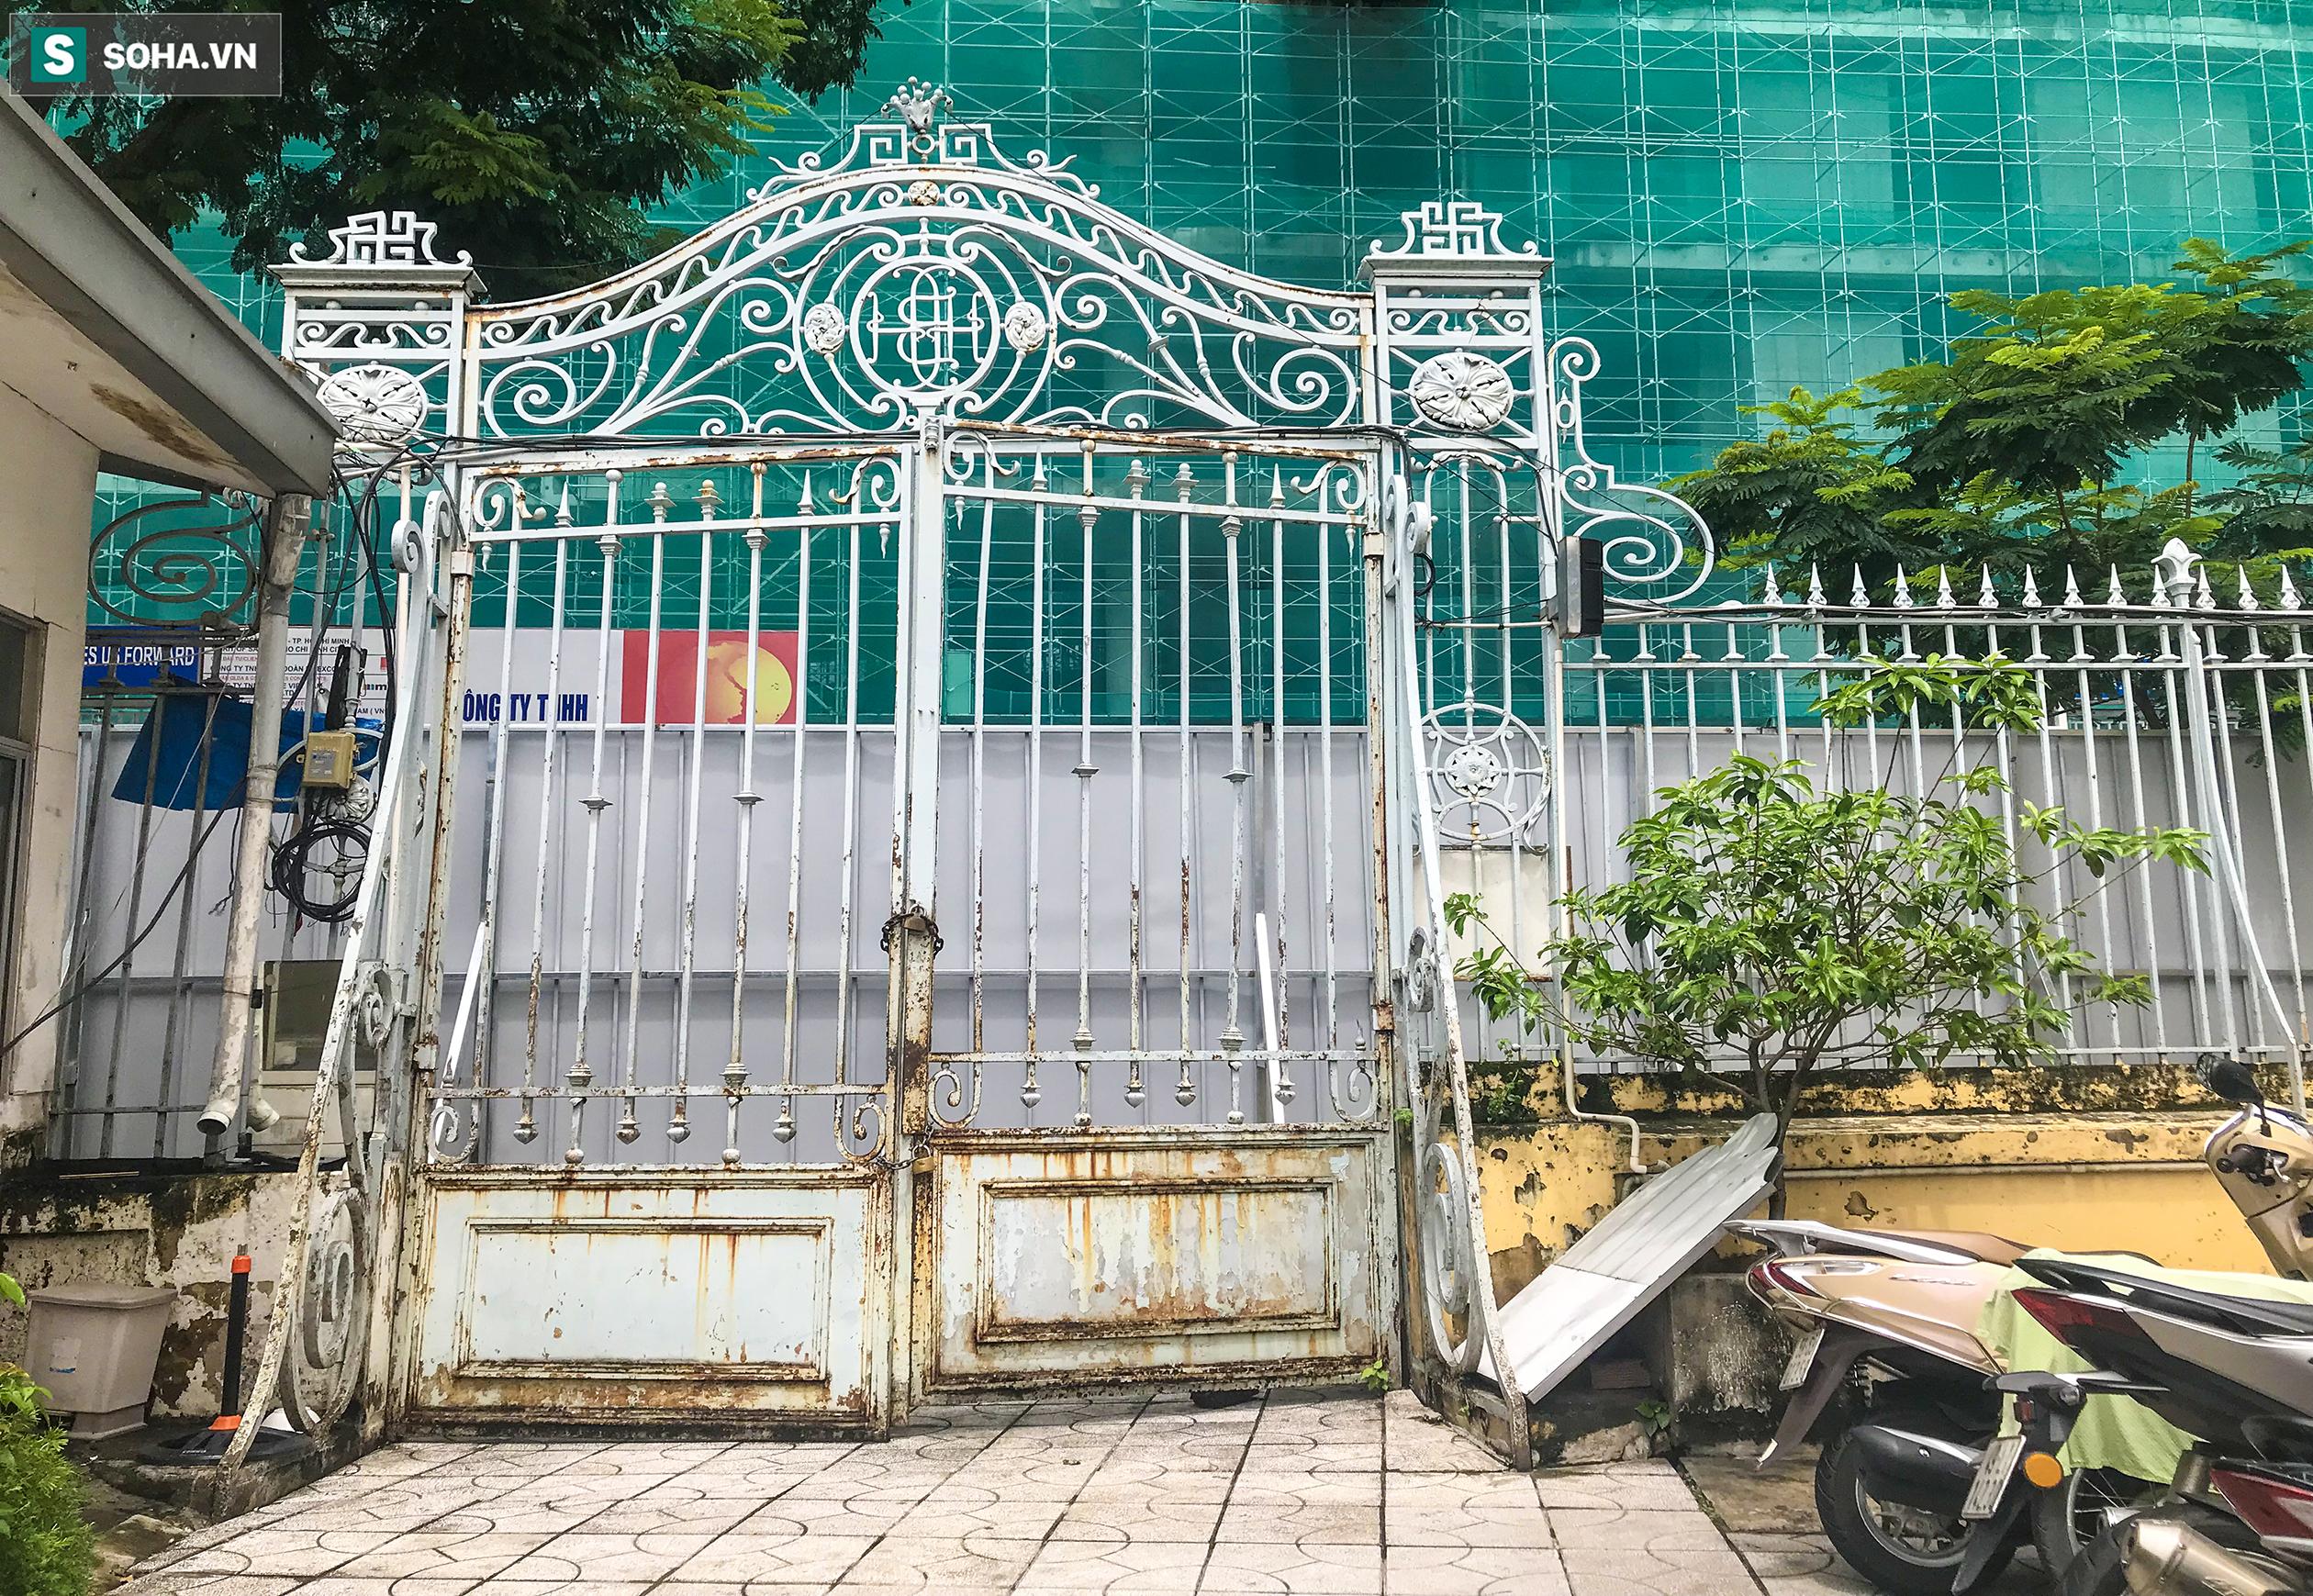 Dự án tứ giác Bến Thành có vị trí đắc địa bậc nhất TP.HCM thi công gây lún nứt Bảo tàng Mỹ thuật - Ảnh 12.